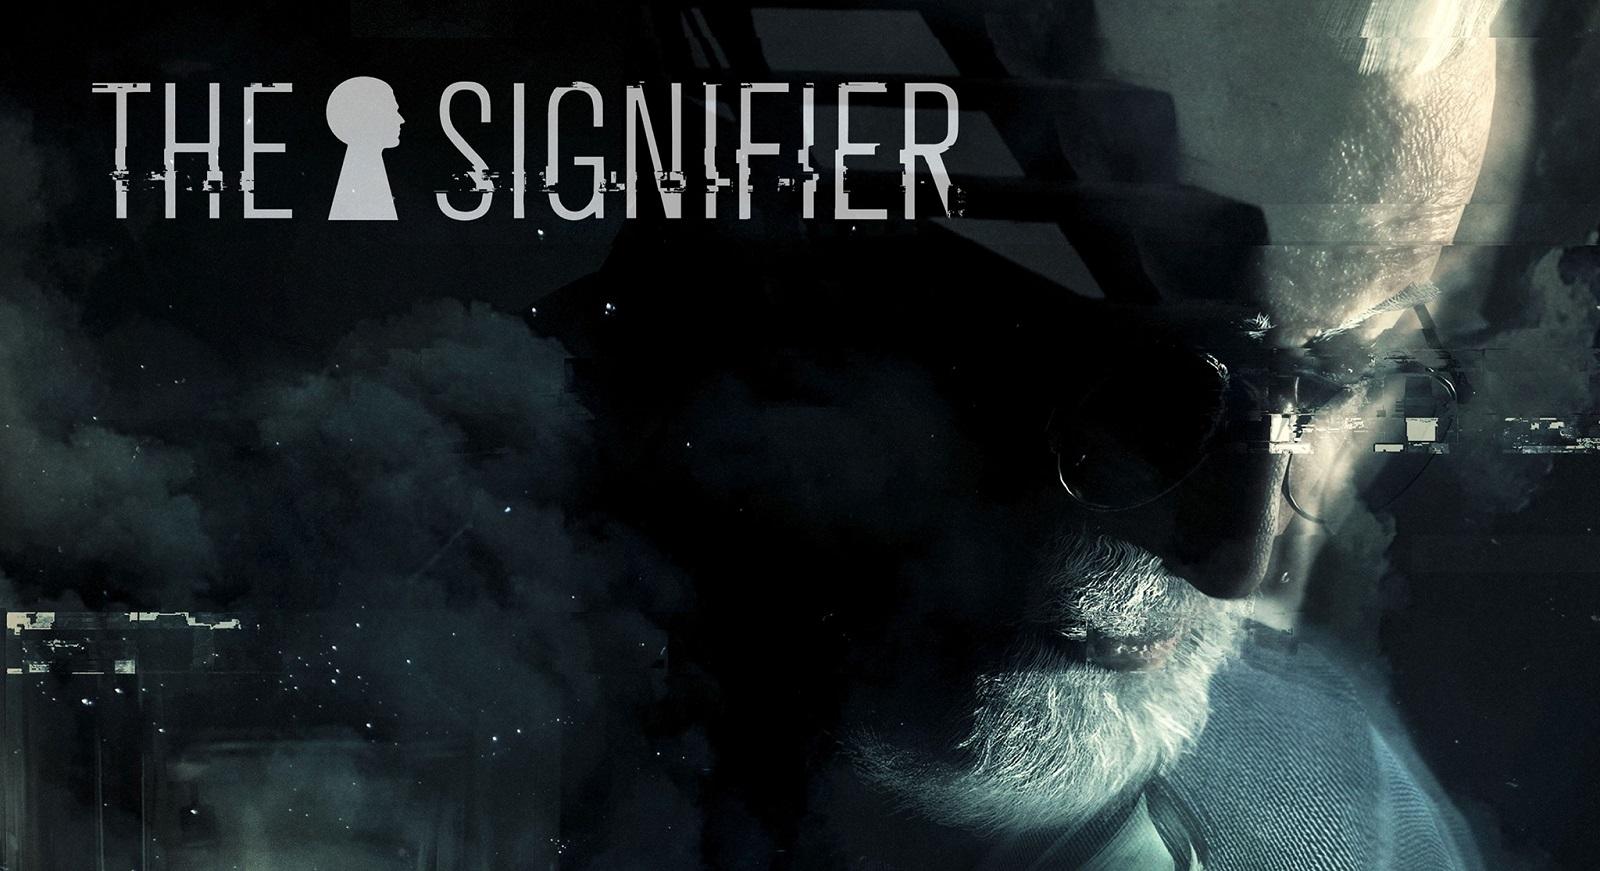 До конца месяца психологический триллер The Signifier обзаведётся режиссёрской версией